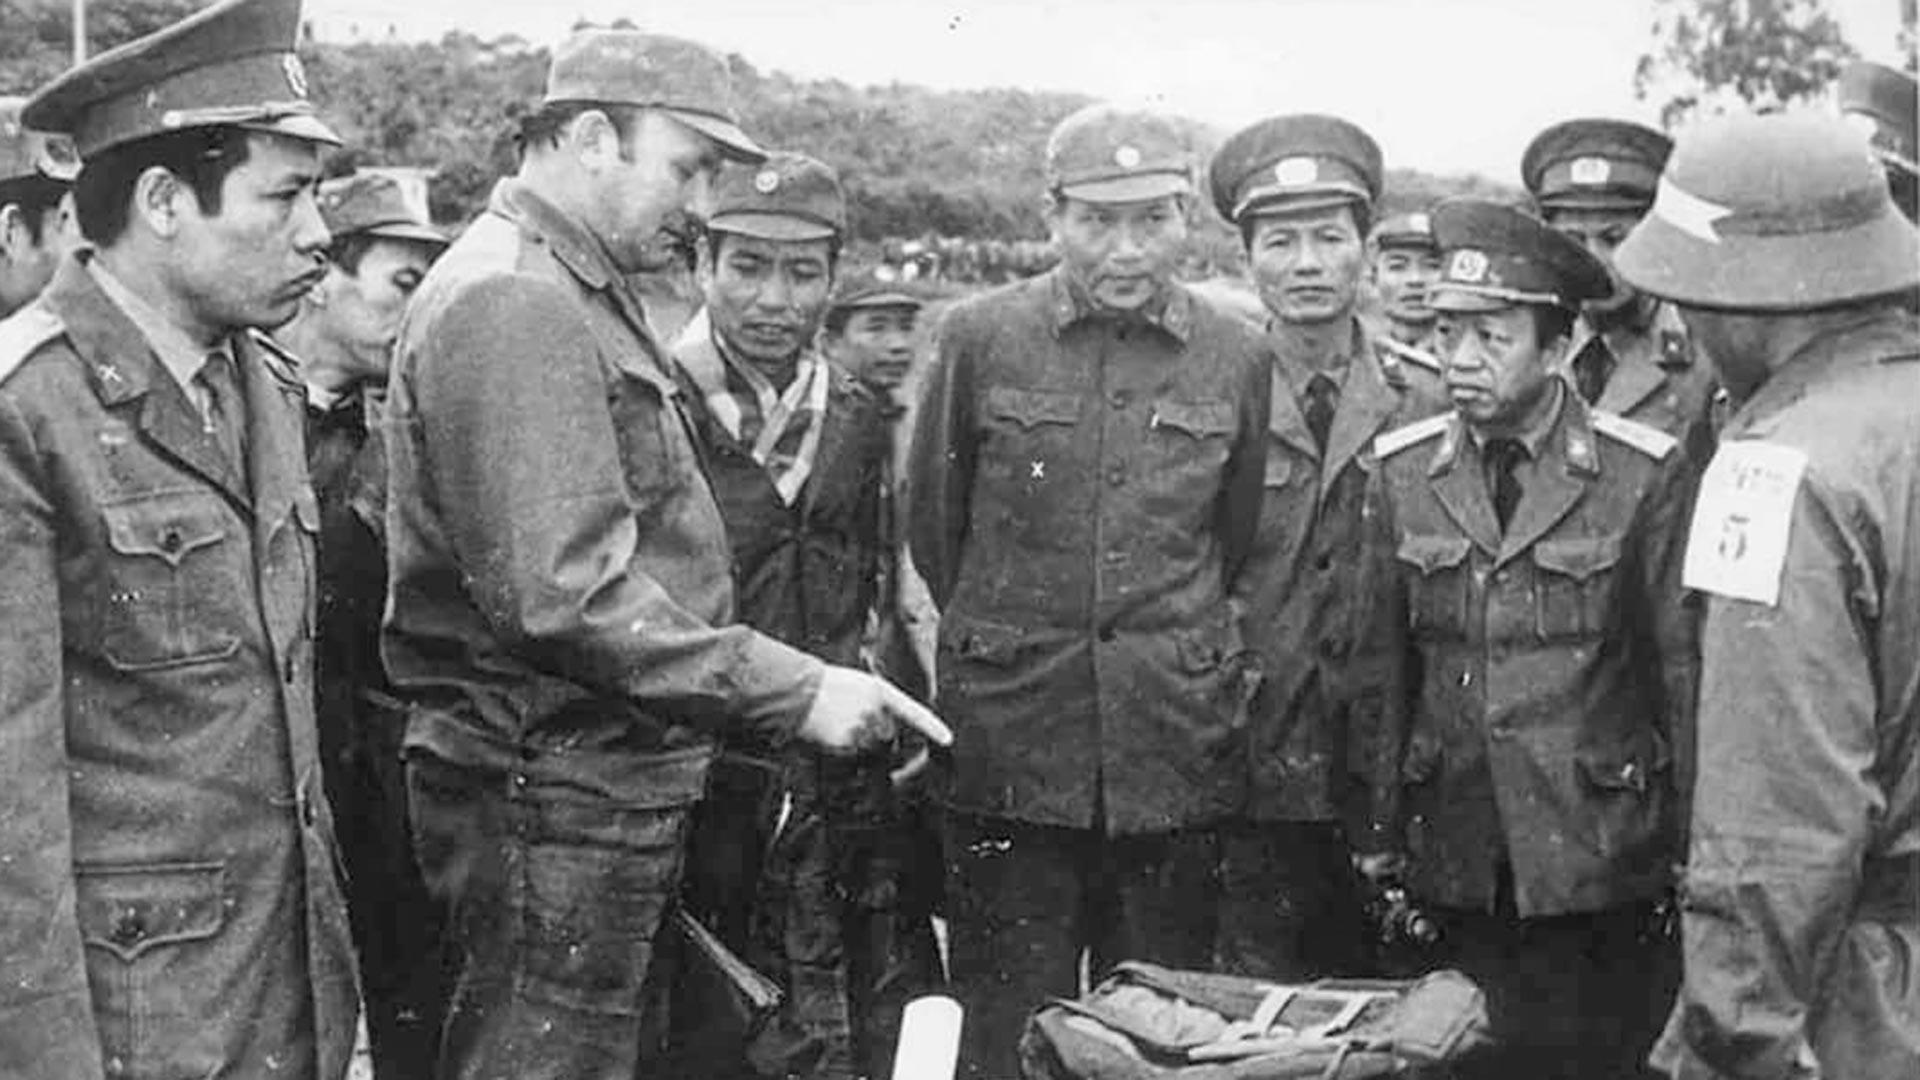 Exercices militaires au Vietnam. Conseiller russe donnant des explications.